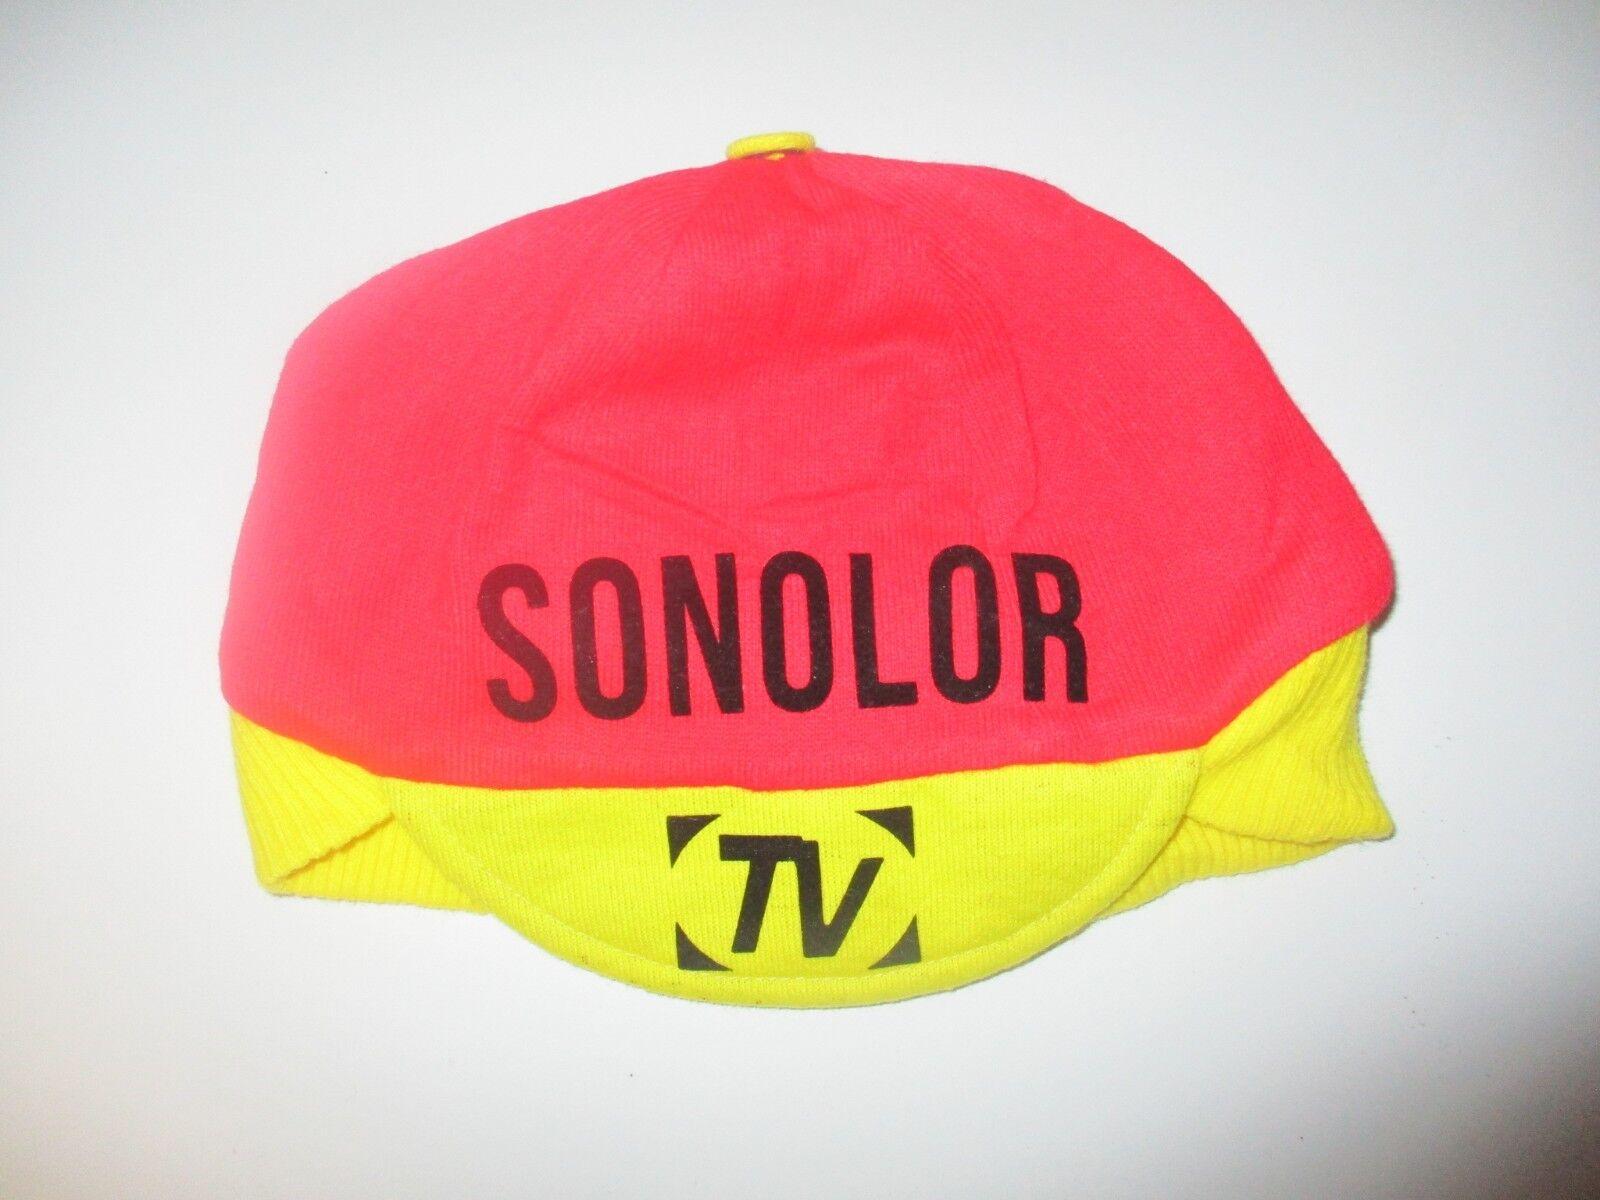 Casquette bonnet cycliste SONOLOR vintage collection années 70 hat cap oldschool